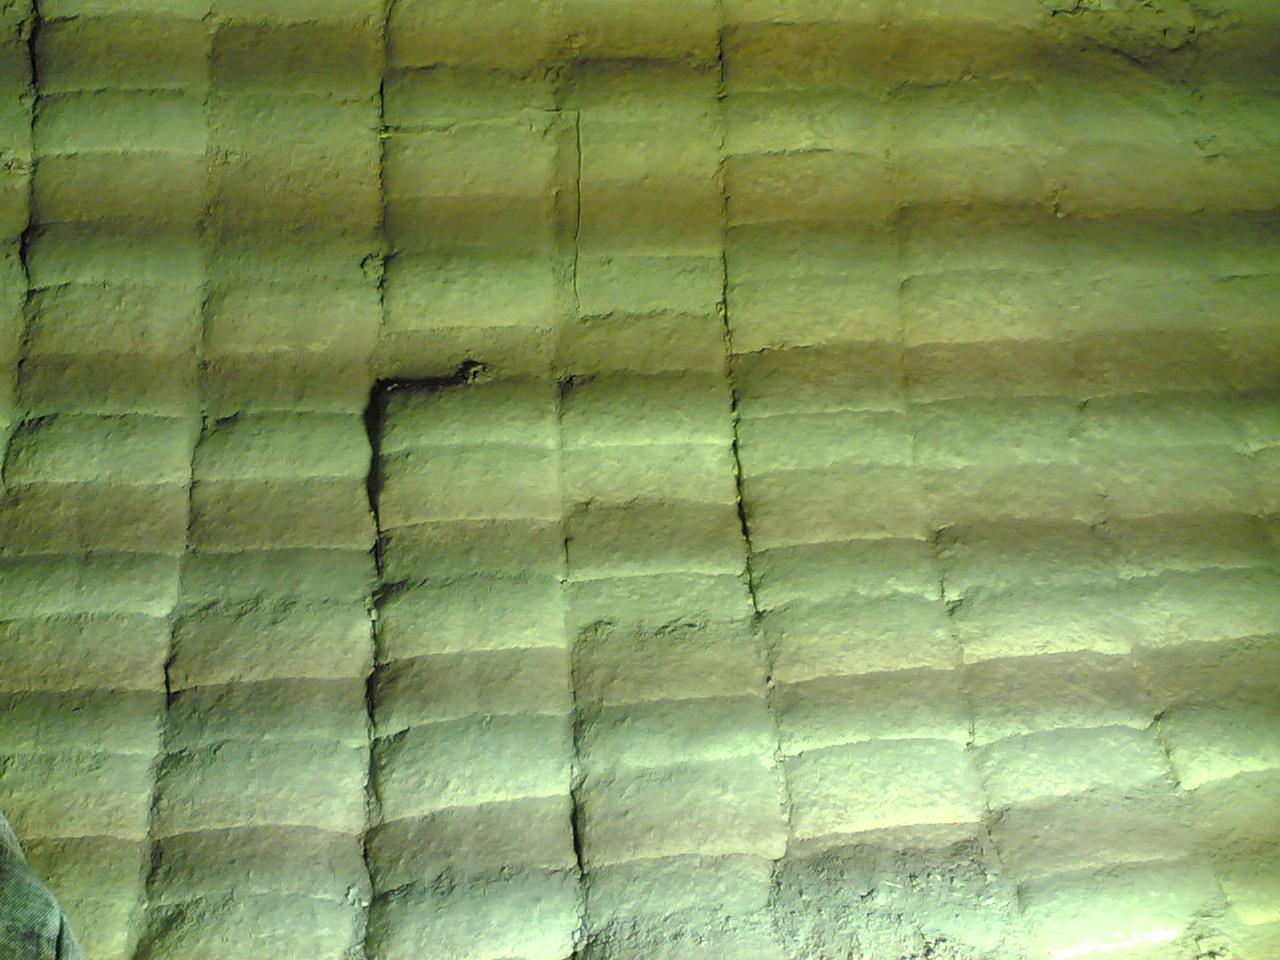 Materiale refrattario wikipedia for Malta materiale